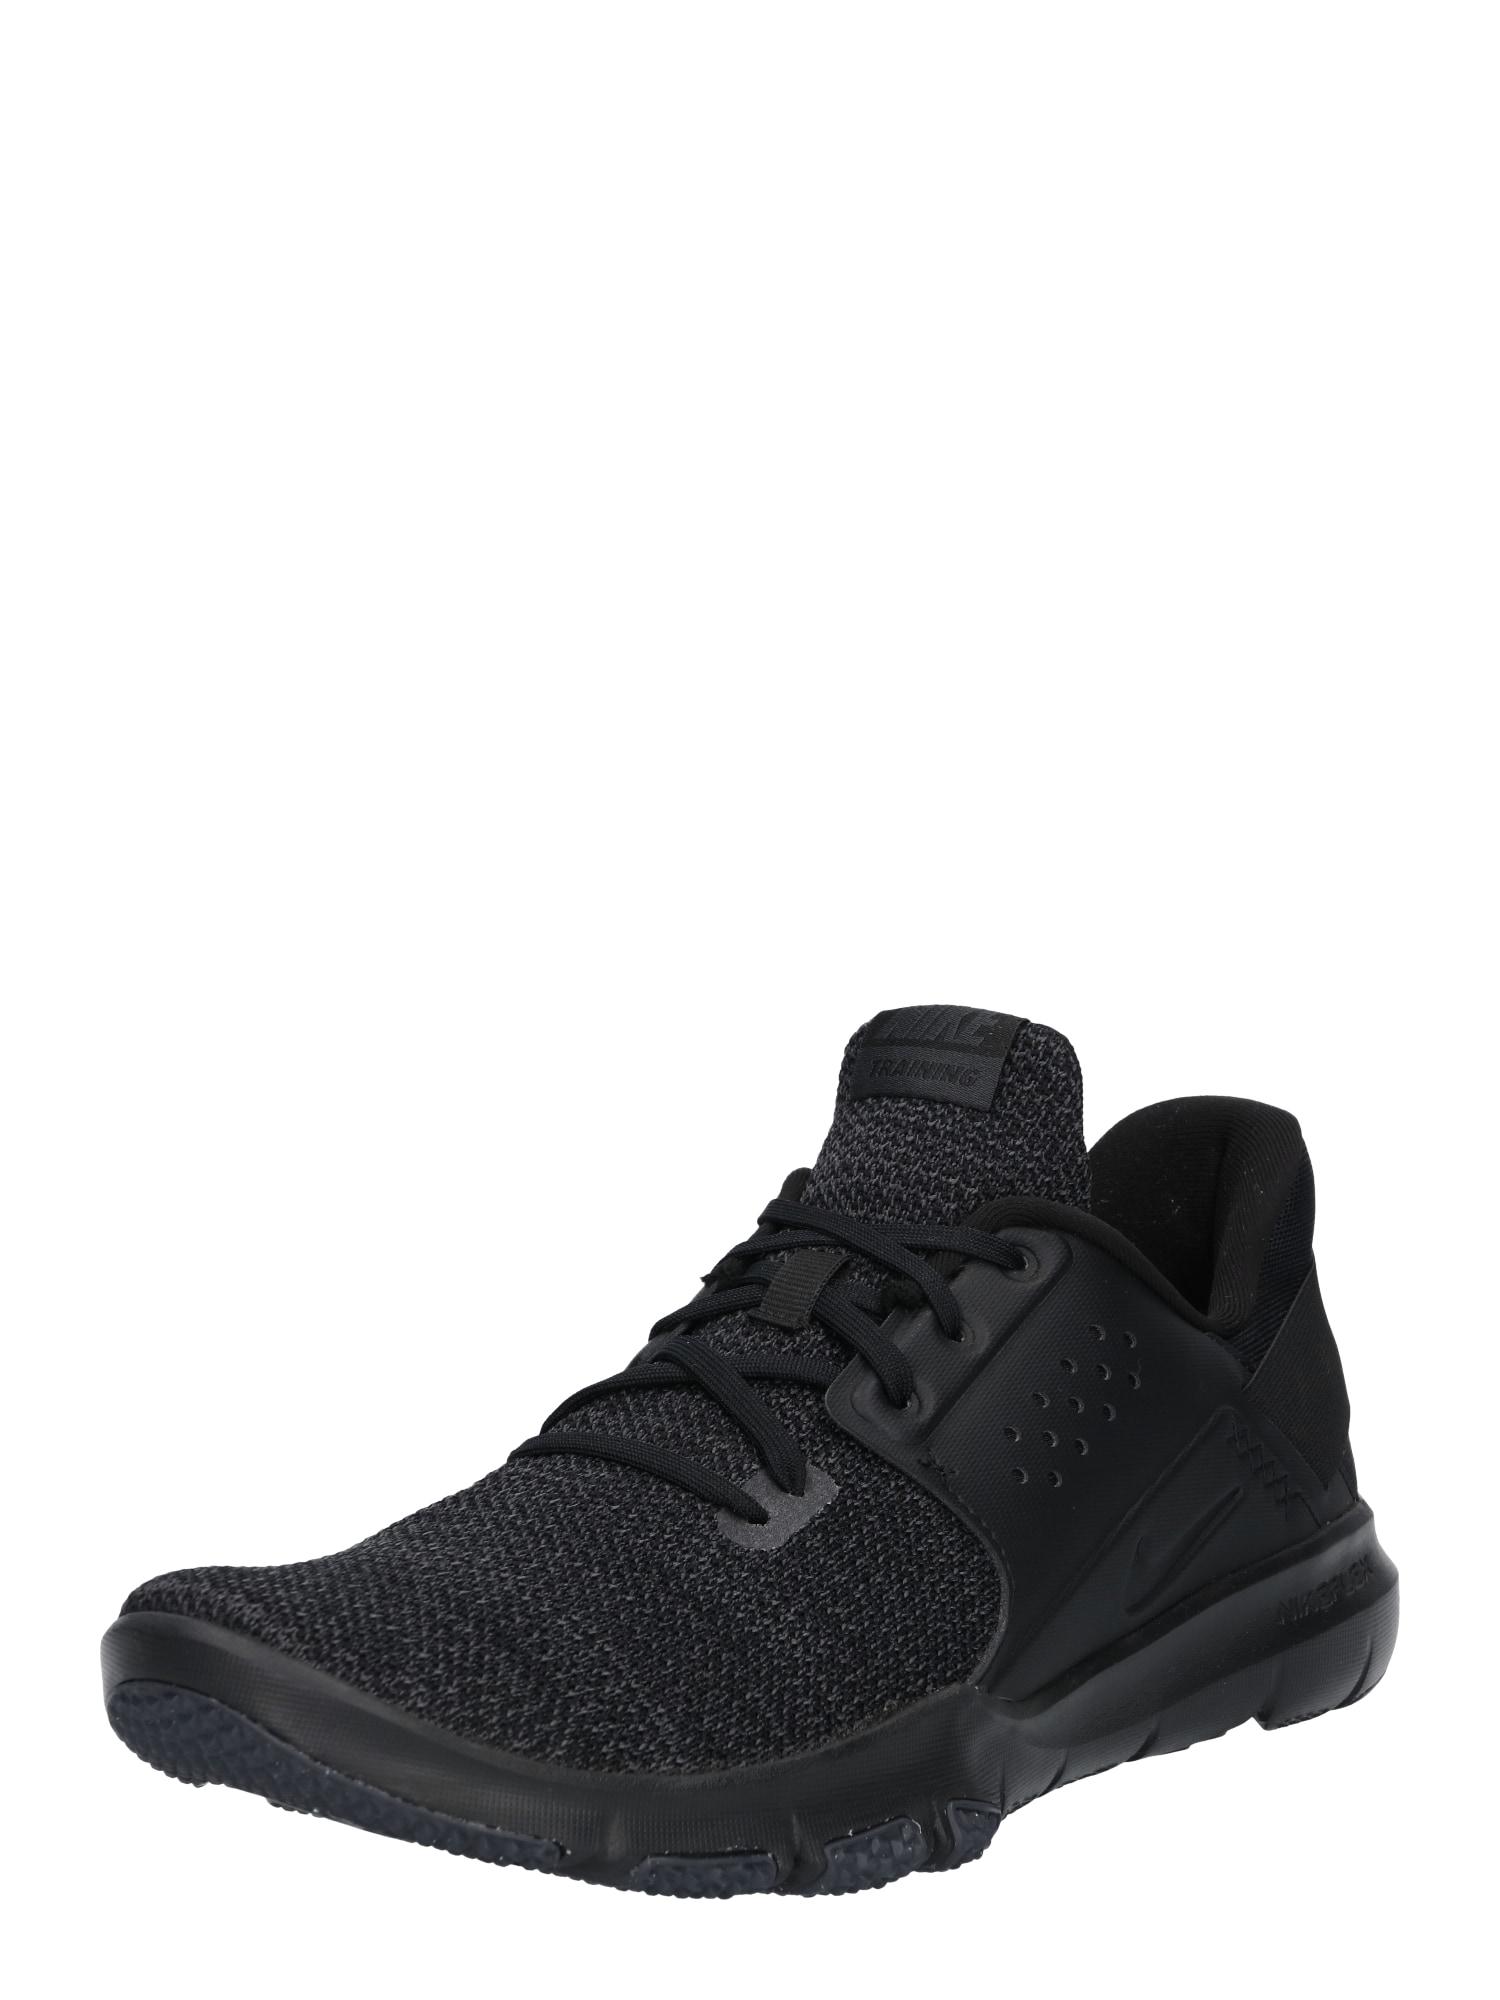 Sportovní boty Flex Control 3 černá NIKE